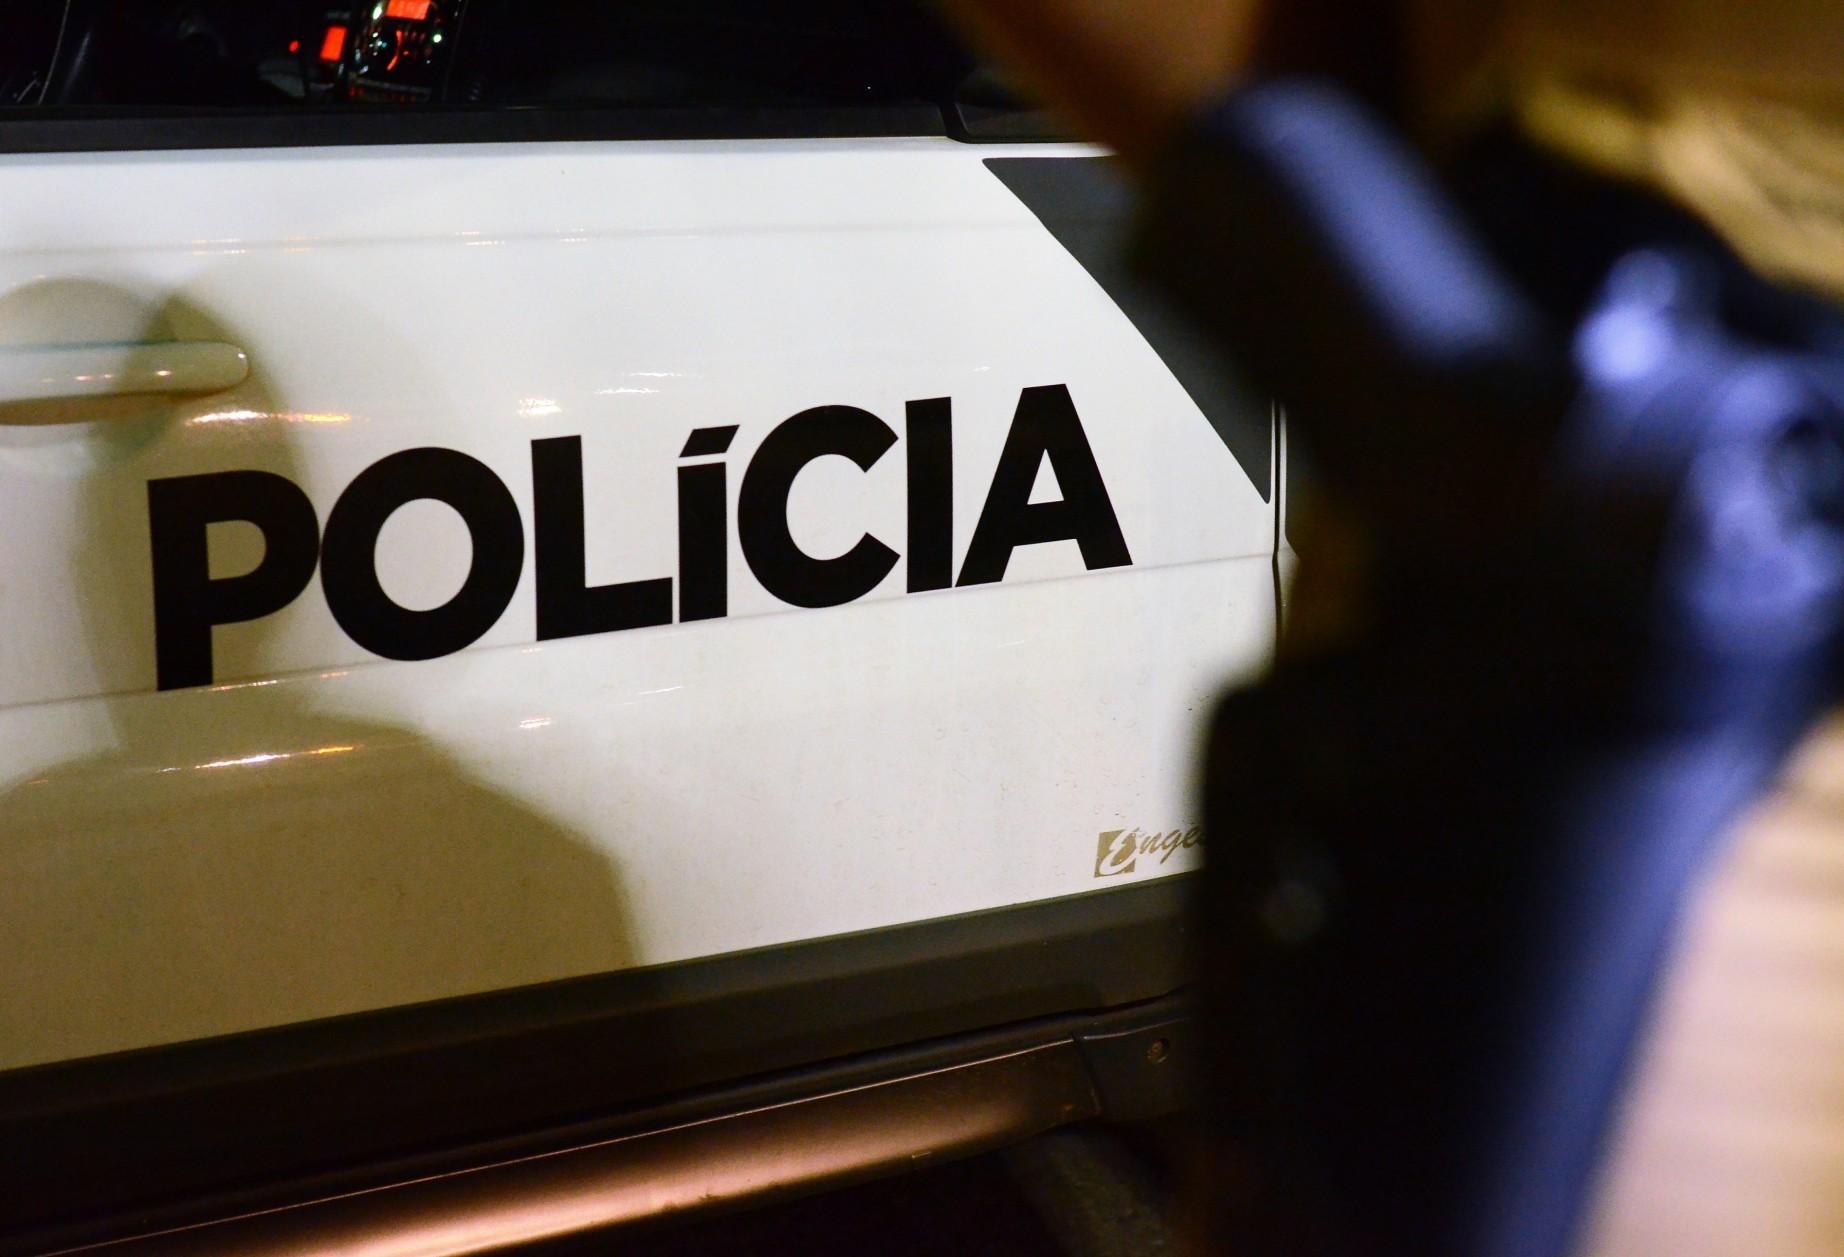 Após roubo, família é sequestrada e fica refém de assaltantes, diz PM